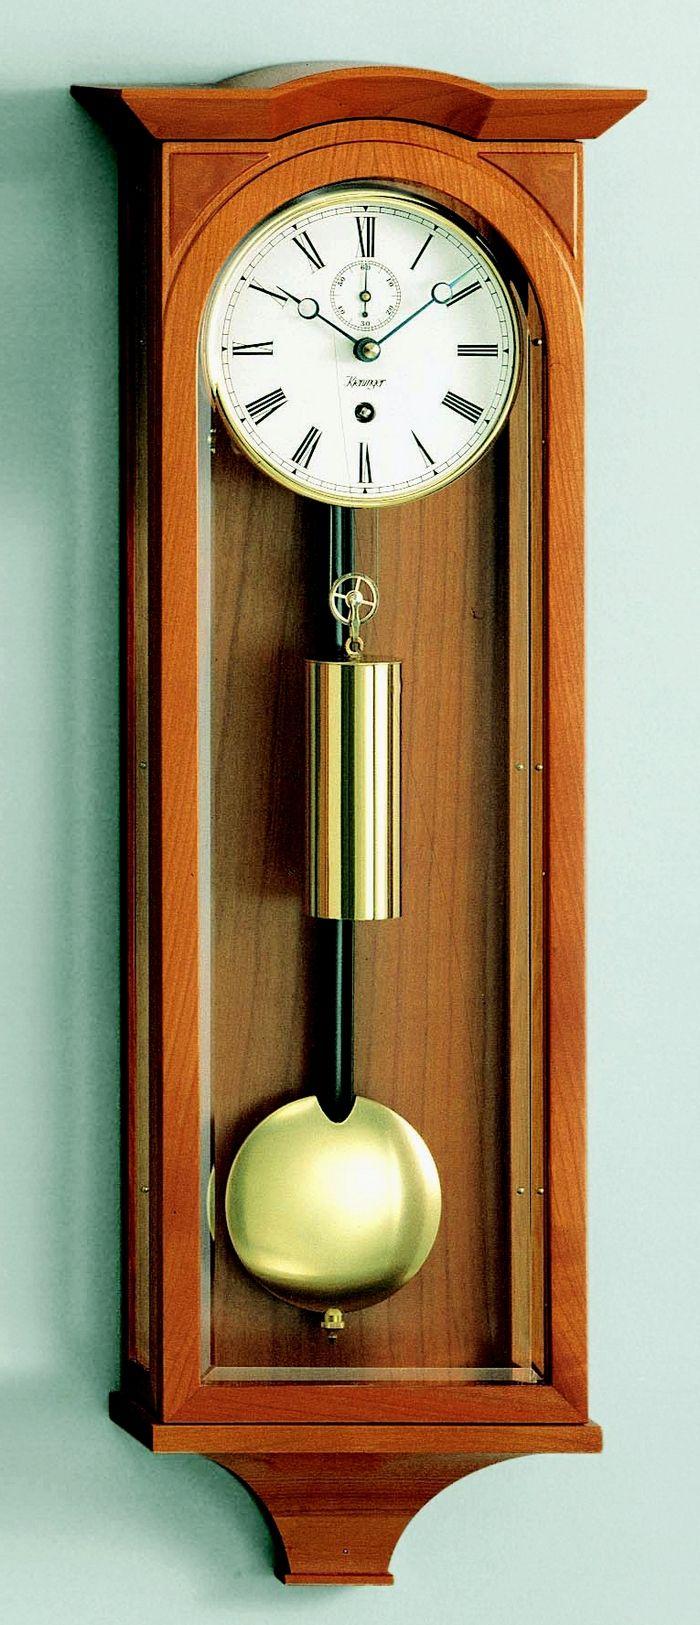 Kieninger Schubert Regulator Wall Clock Wall Clocks Pinterest Wall Clocks Clocks And Walls